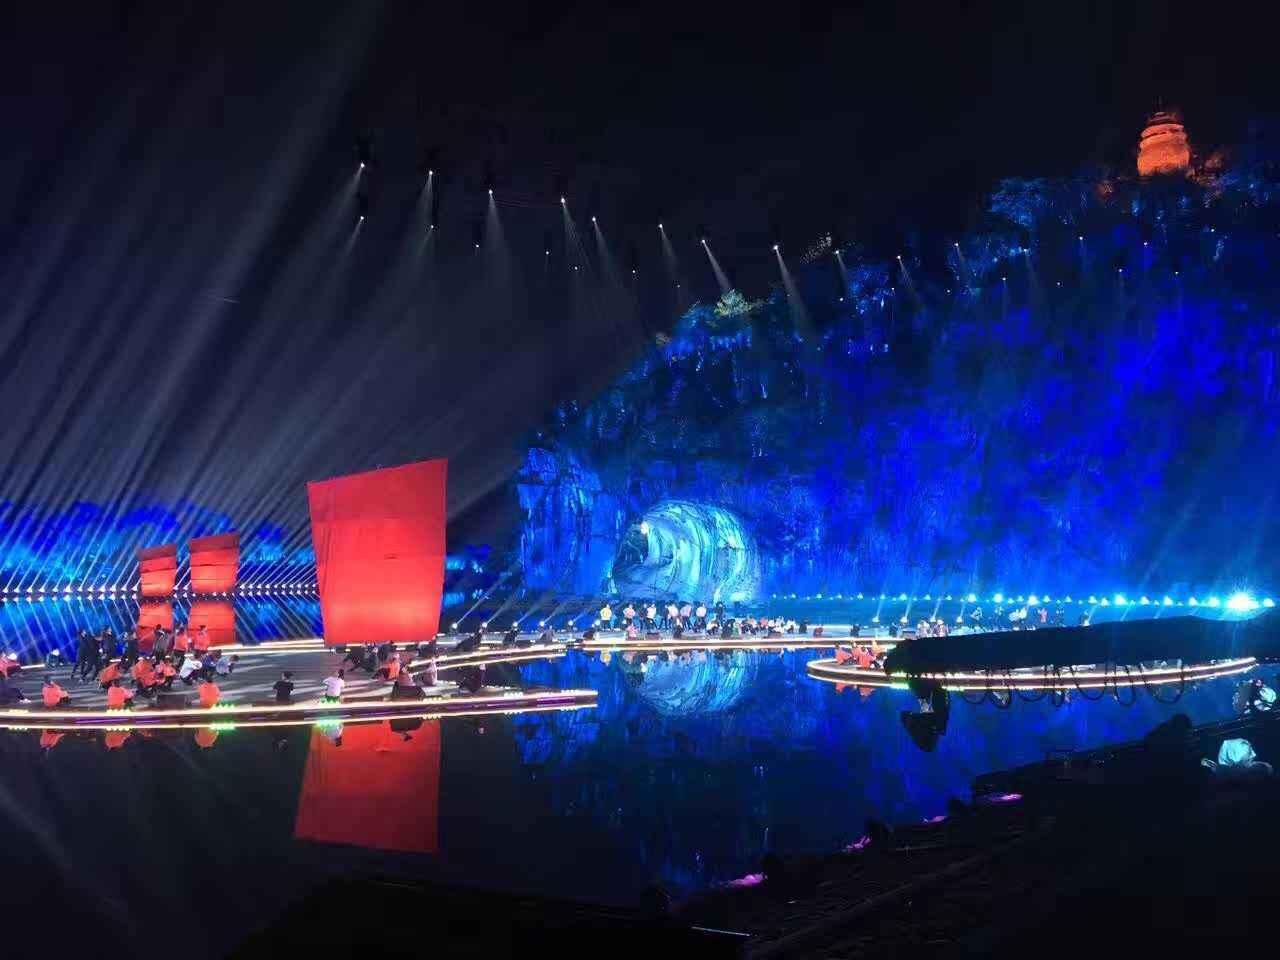 目前,象山景区已携手桂林两江四湖景区晋升为国家5a级旅游景区.